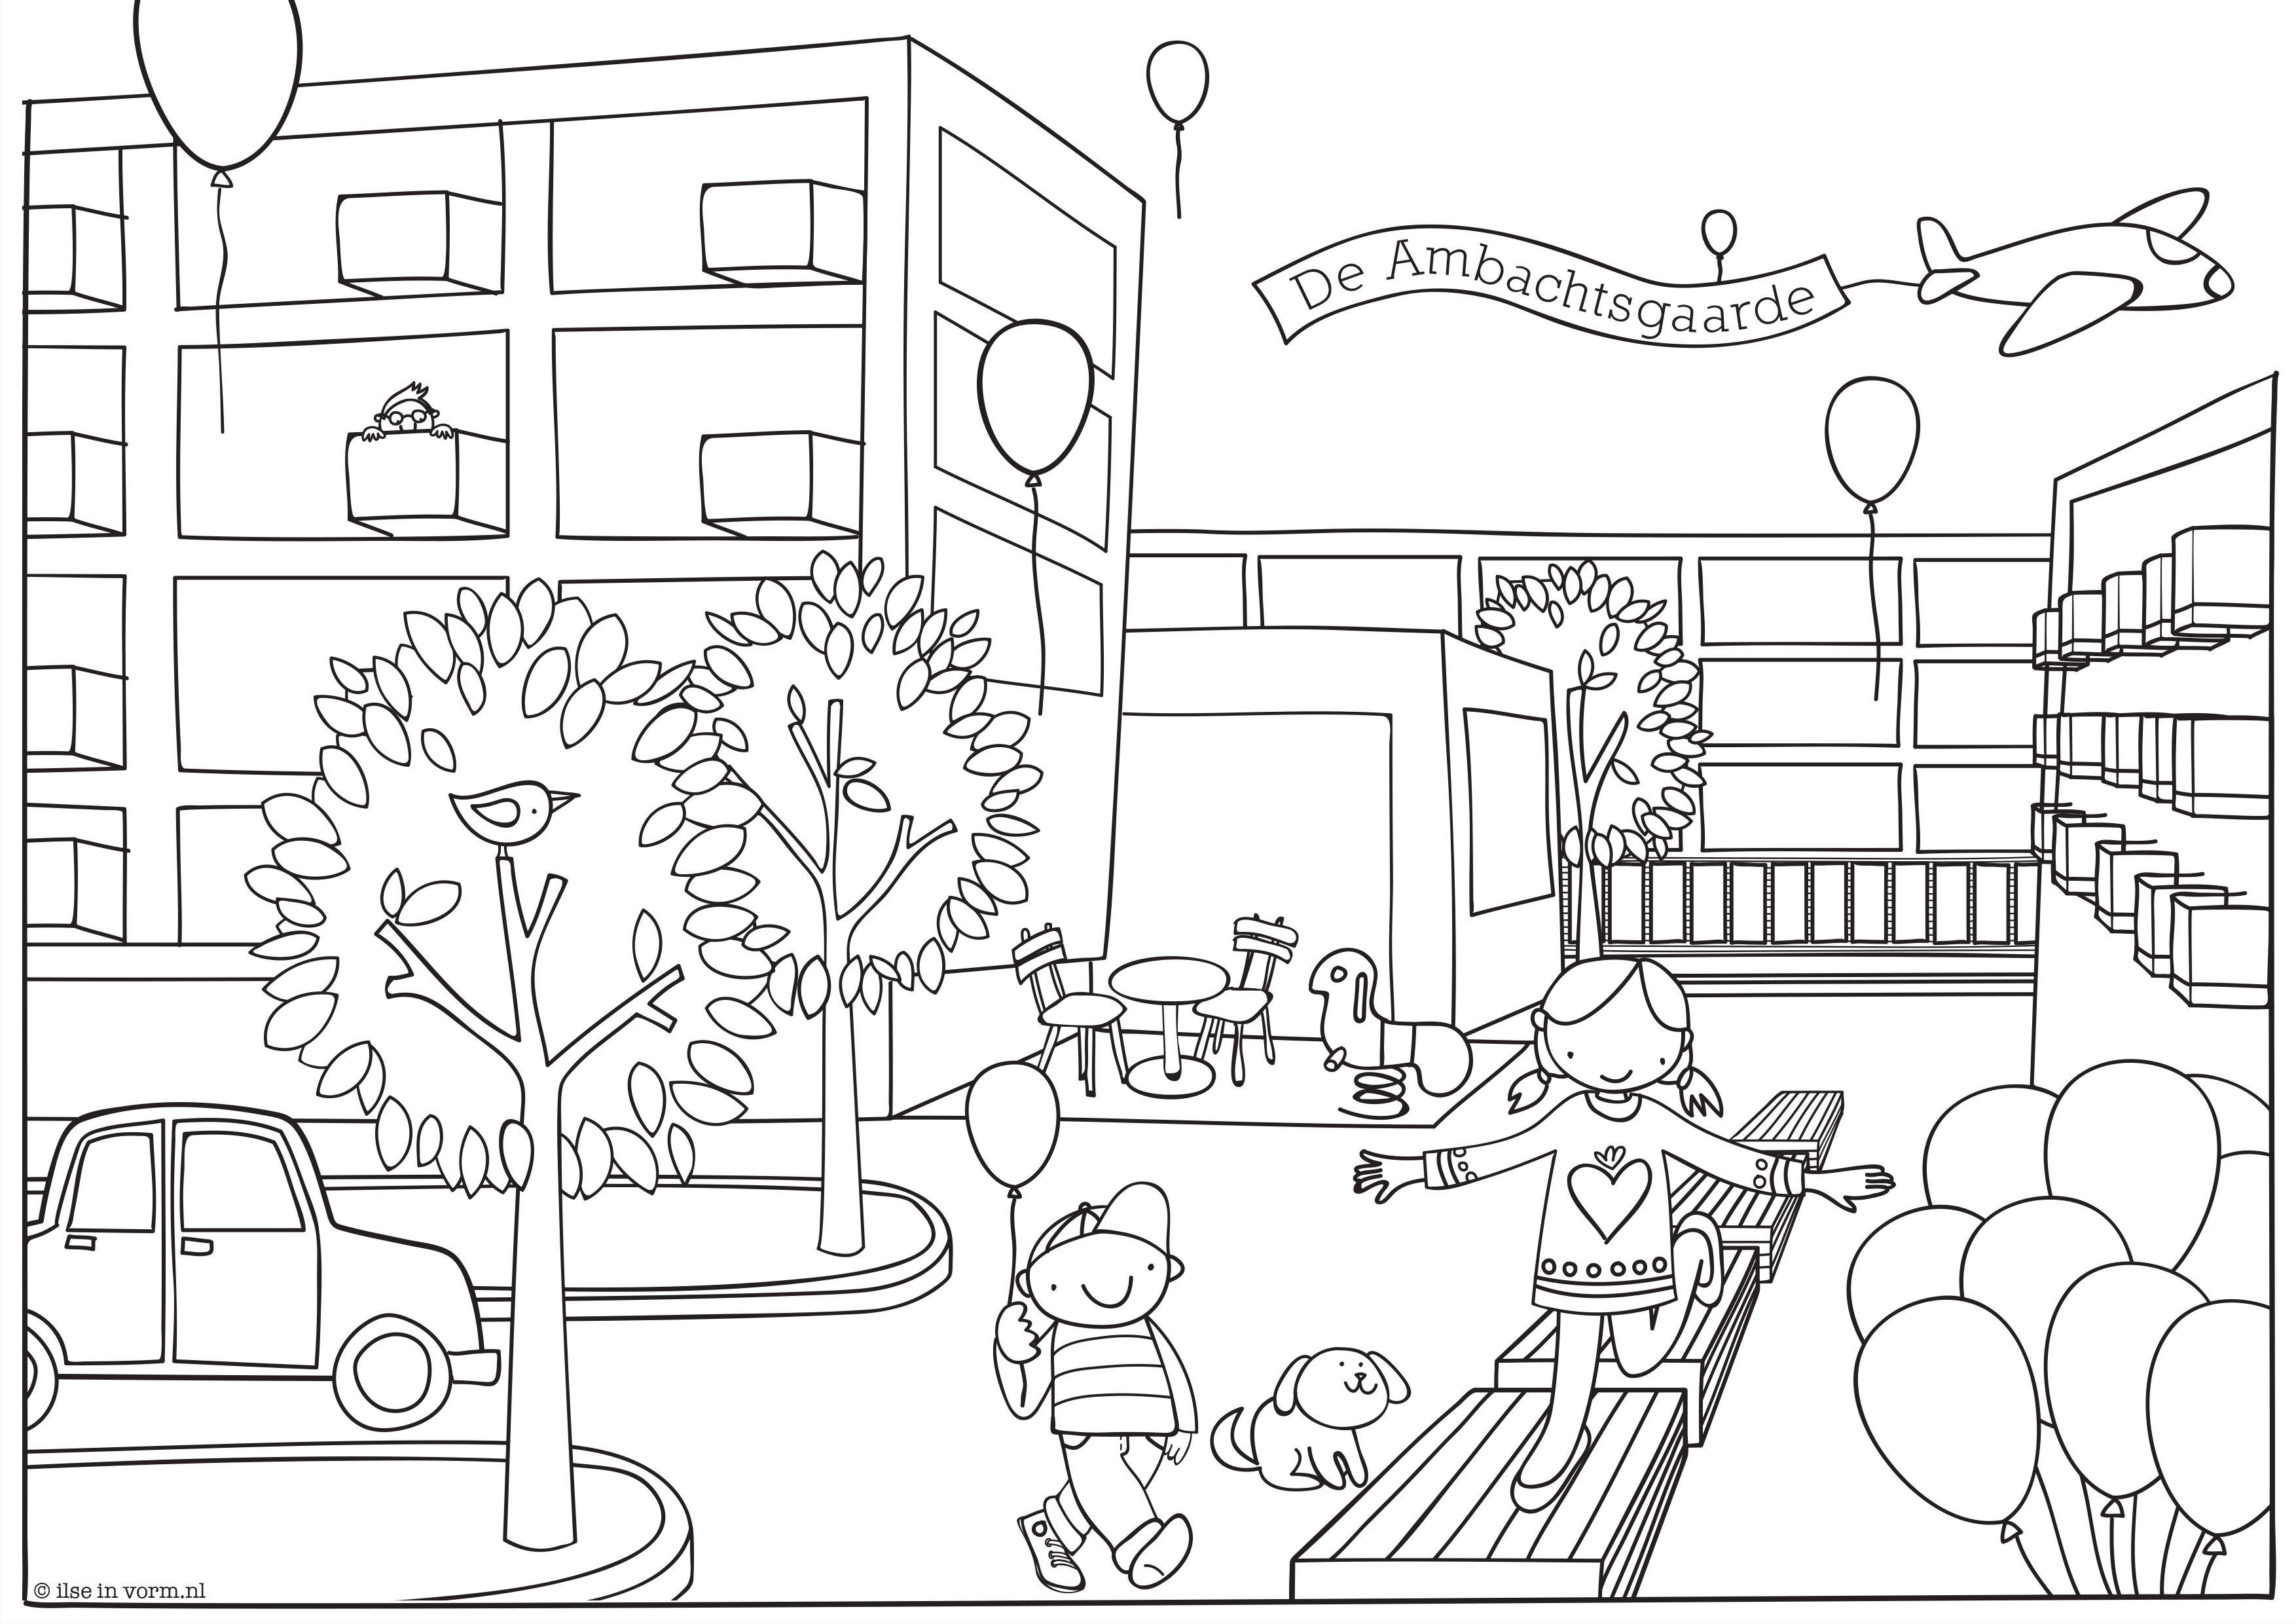 Kleurplaat Voor Feestelijke Opening Vernieuwd Winkelcentrum Ambachtsgaarde Den Haag Kleurplaten Illustraties